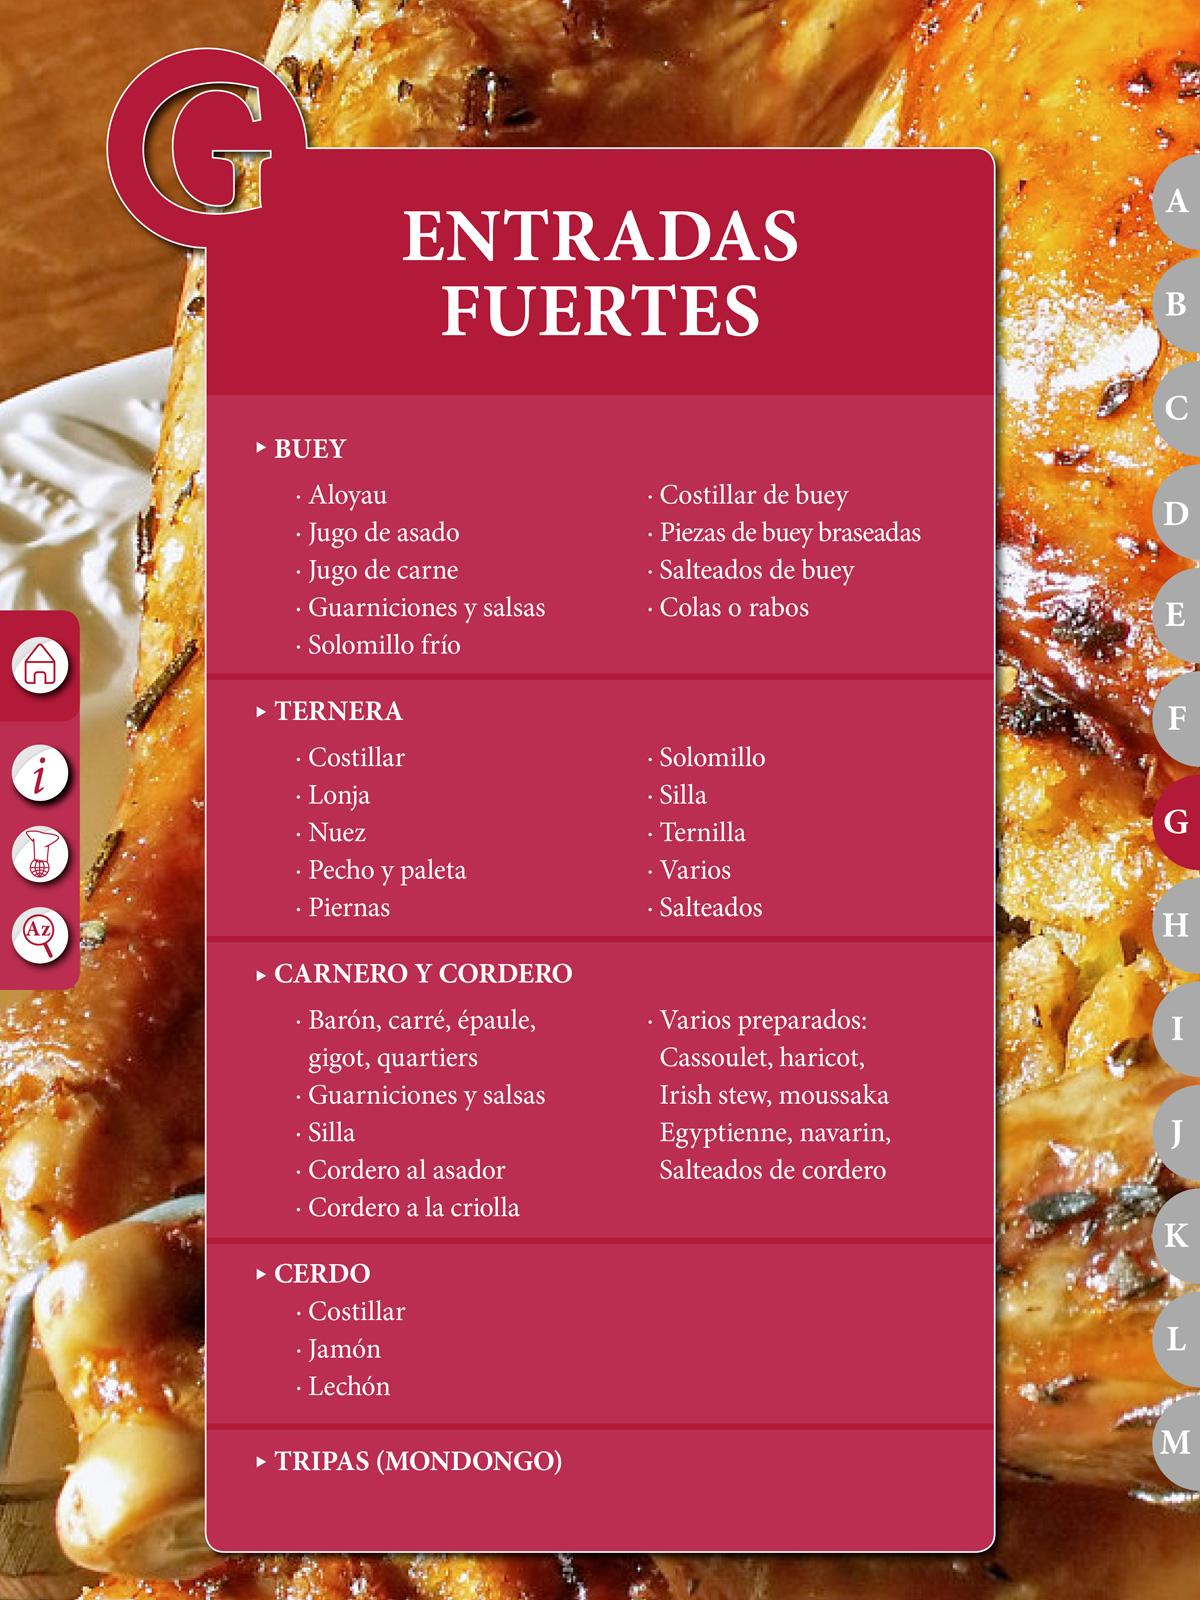 Entradas fuertes recetario el pr ctico de cocina 6500 - El practico de cocina ...